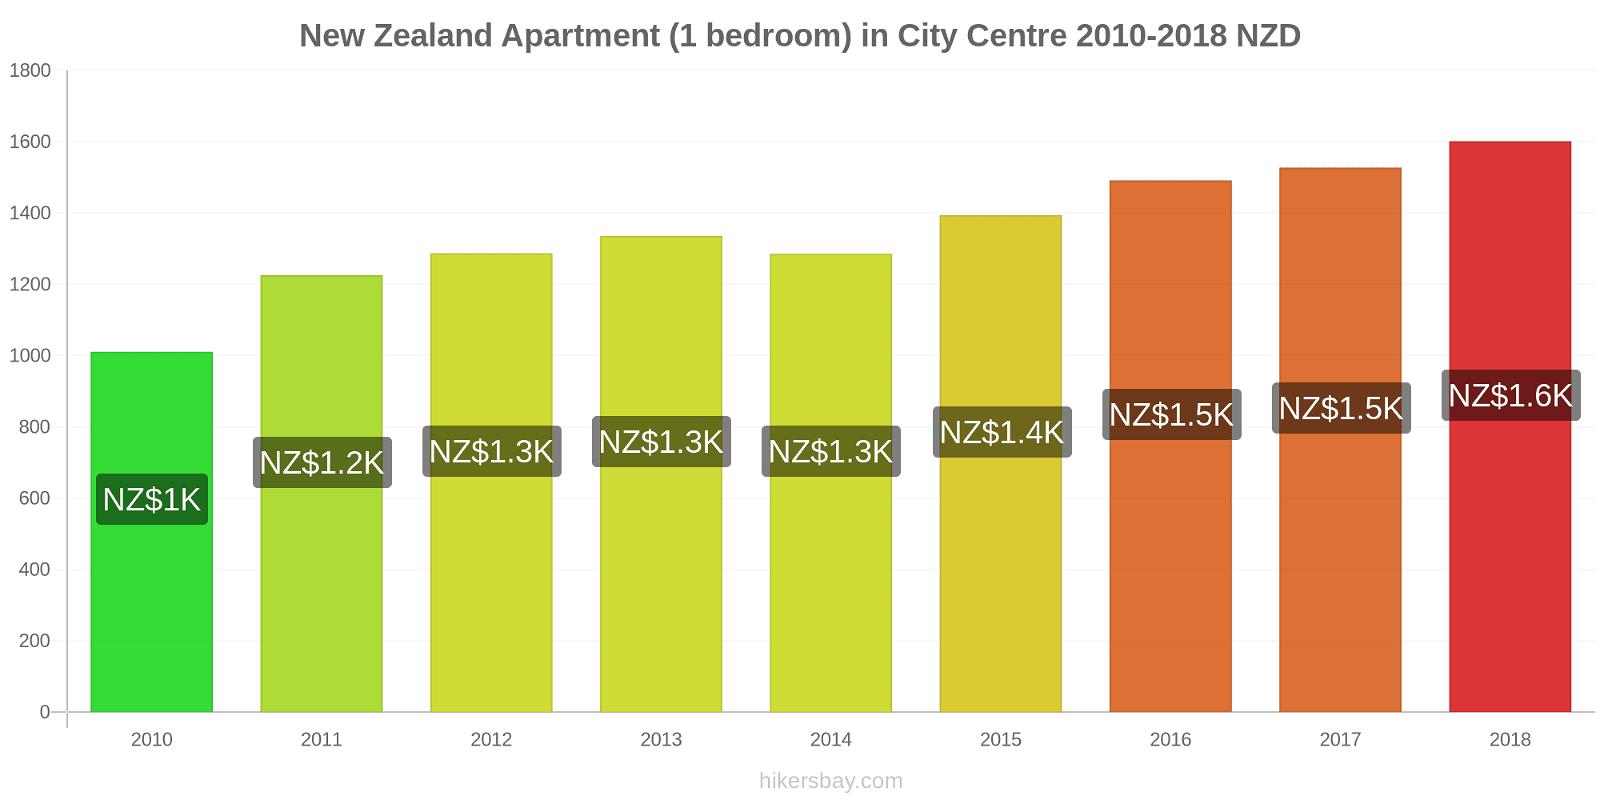 New Zealand price changes Apartment (1 bedroom) in City Centre hikersbay.com